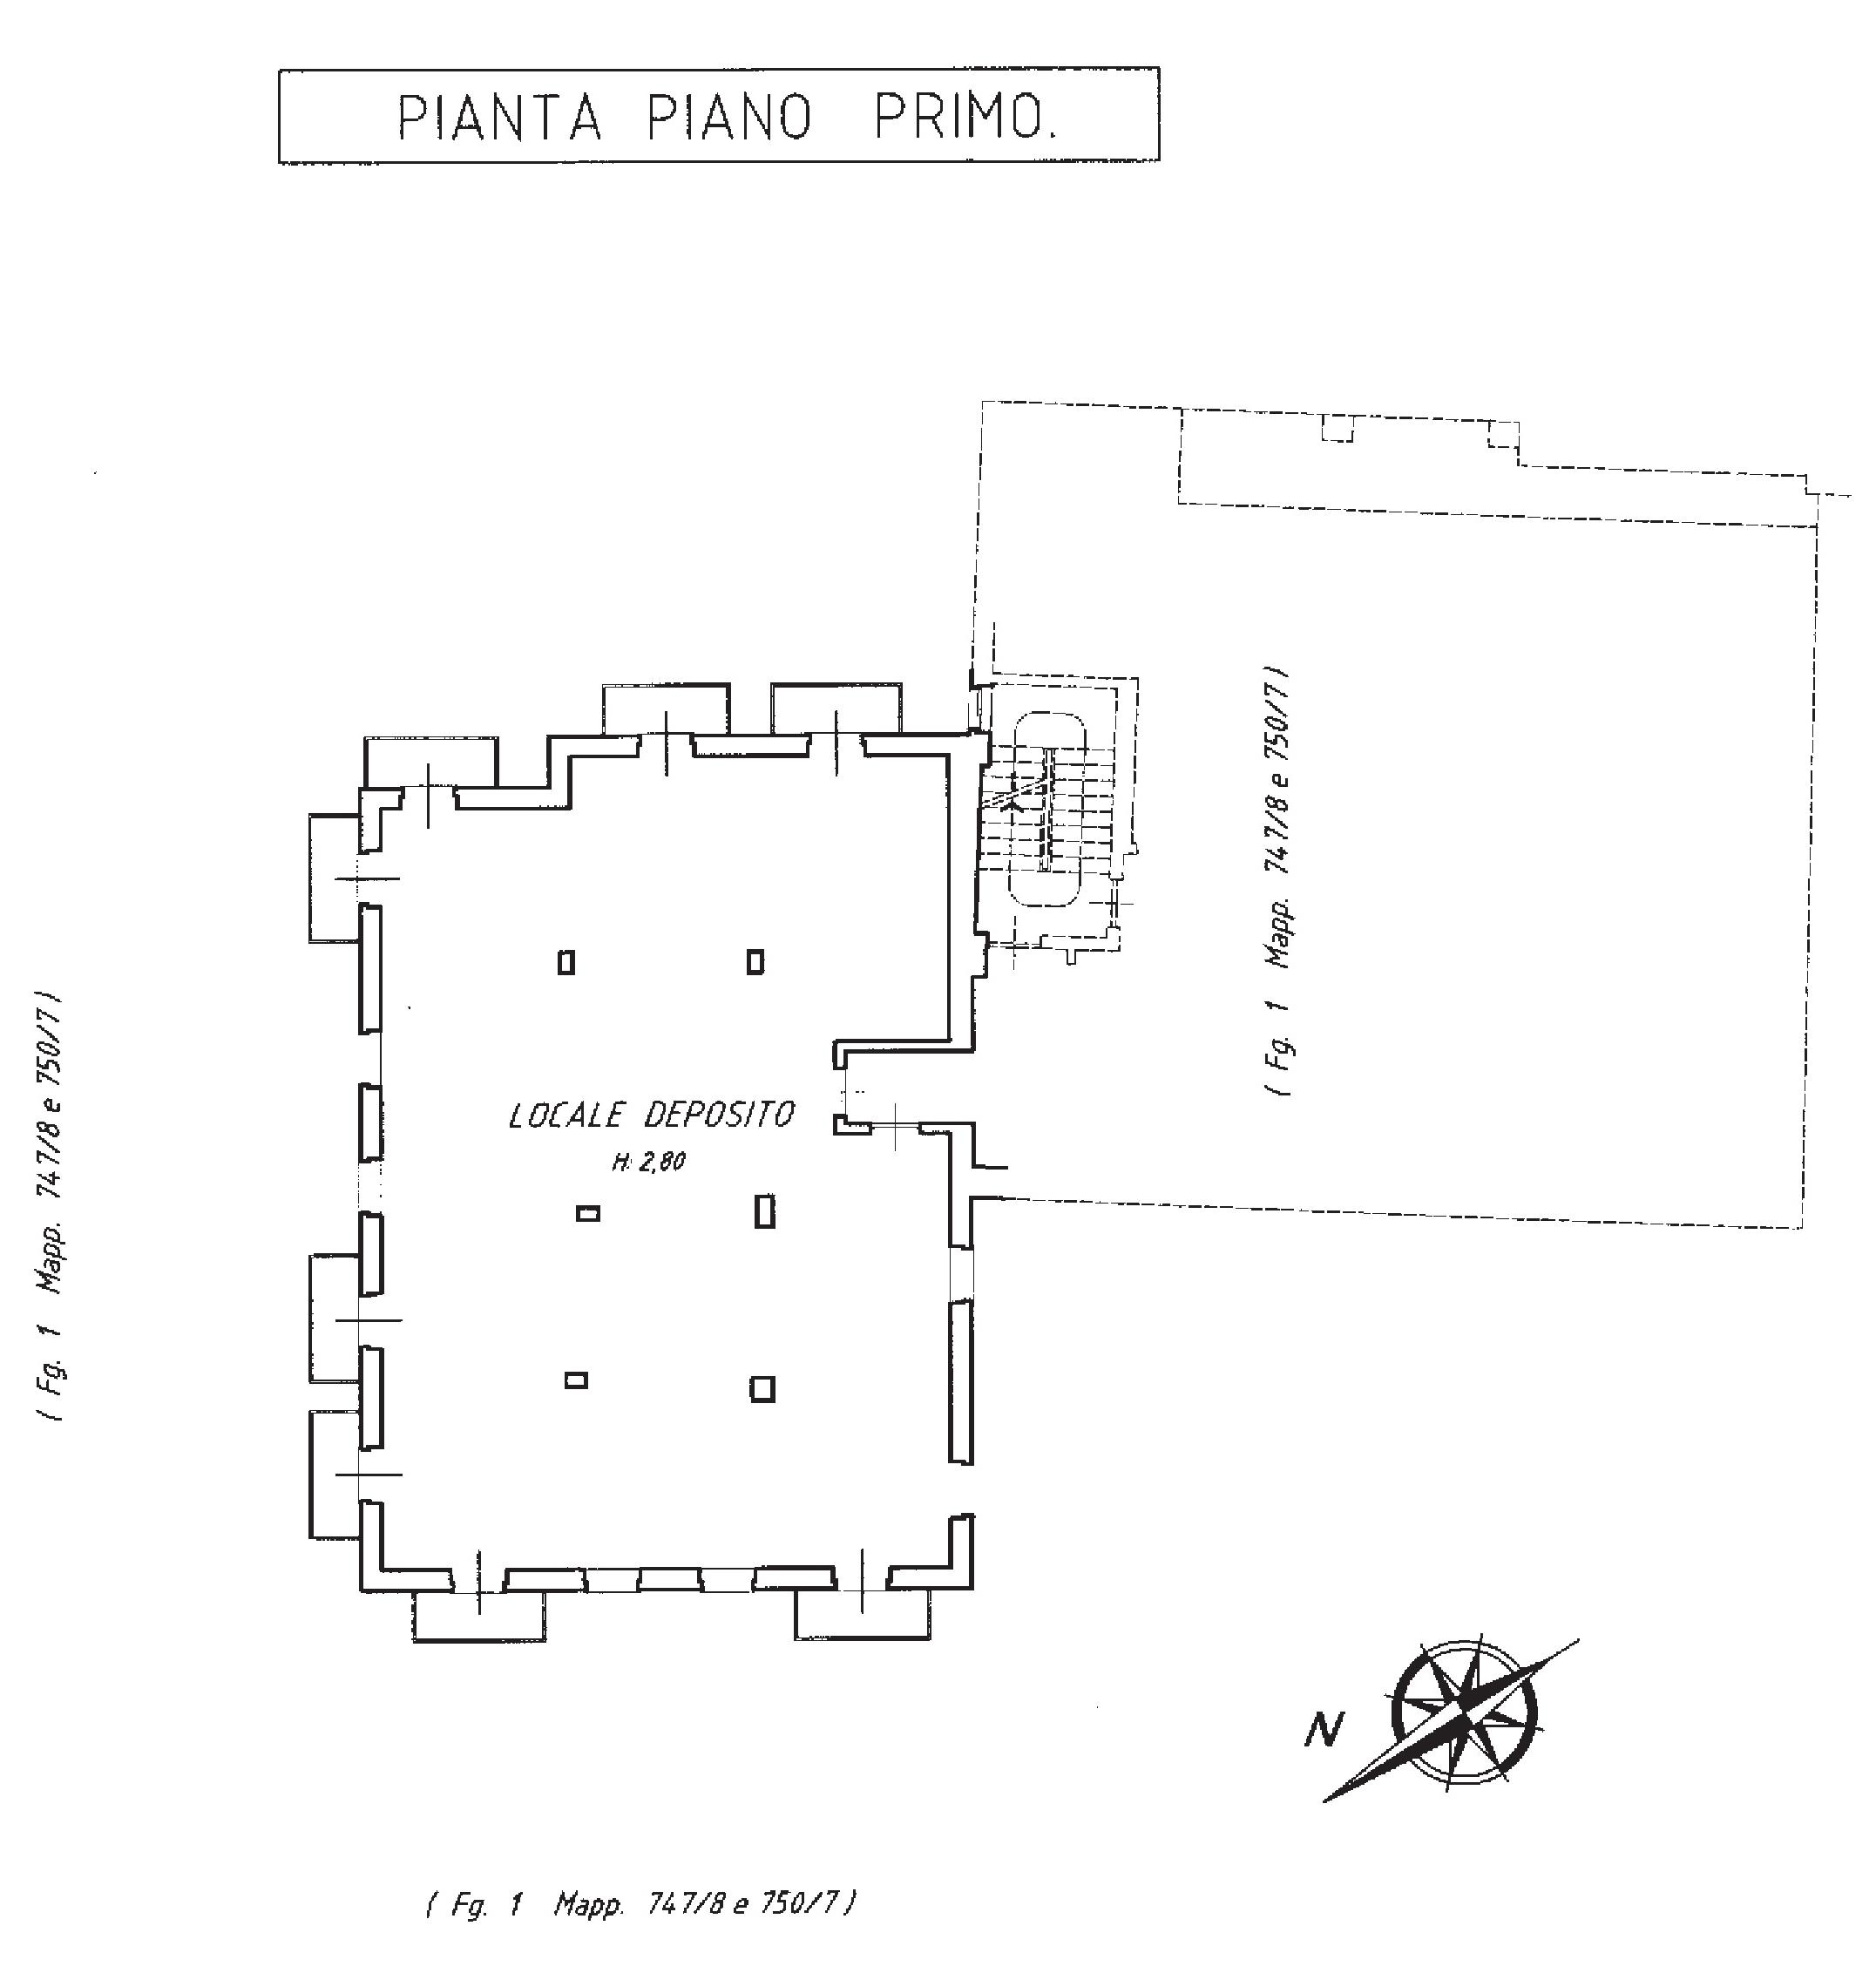 piano primo catastale - Hotel